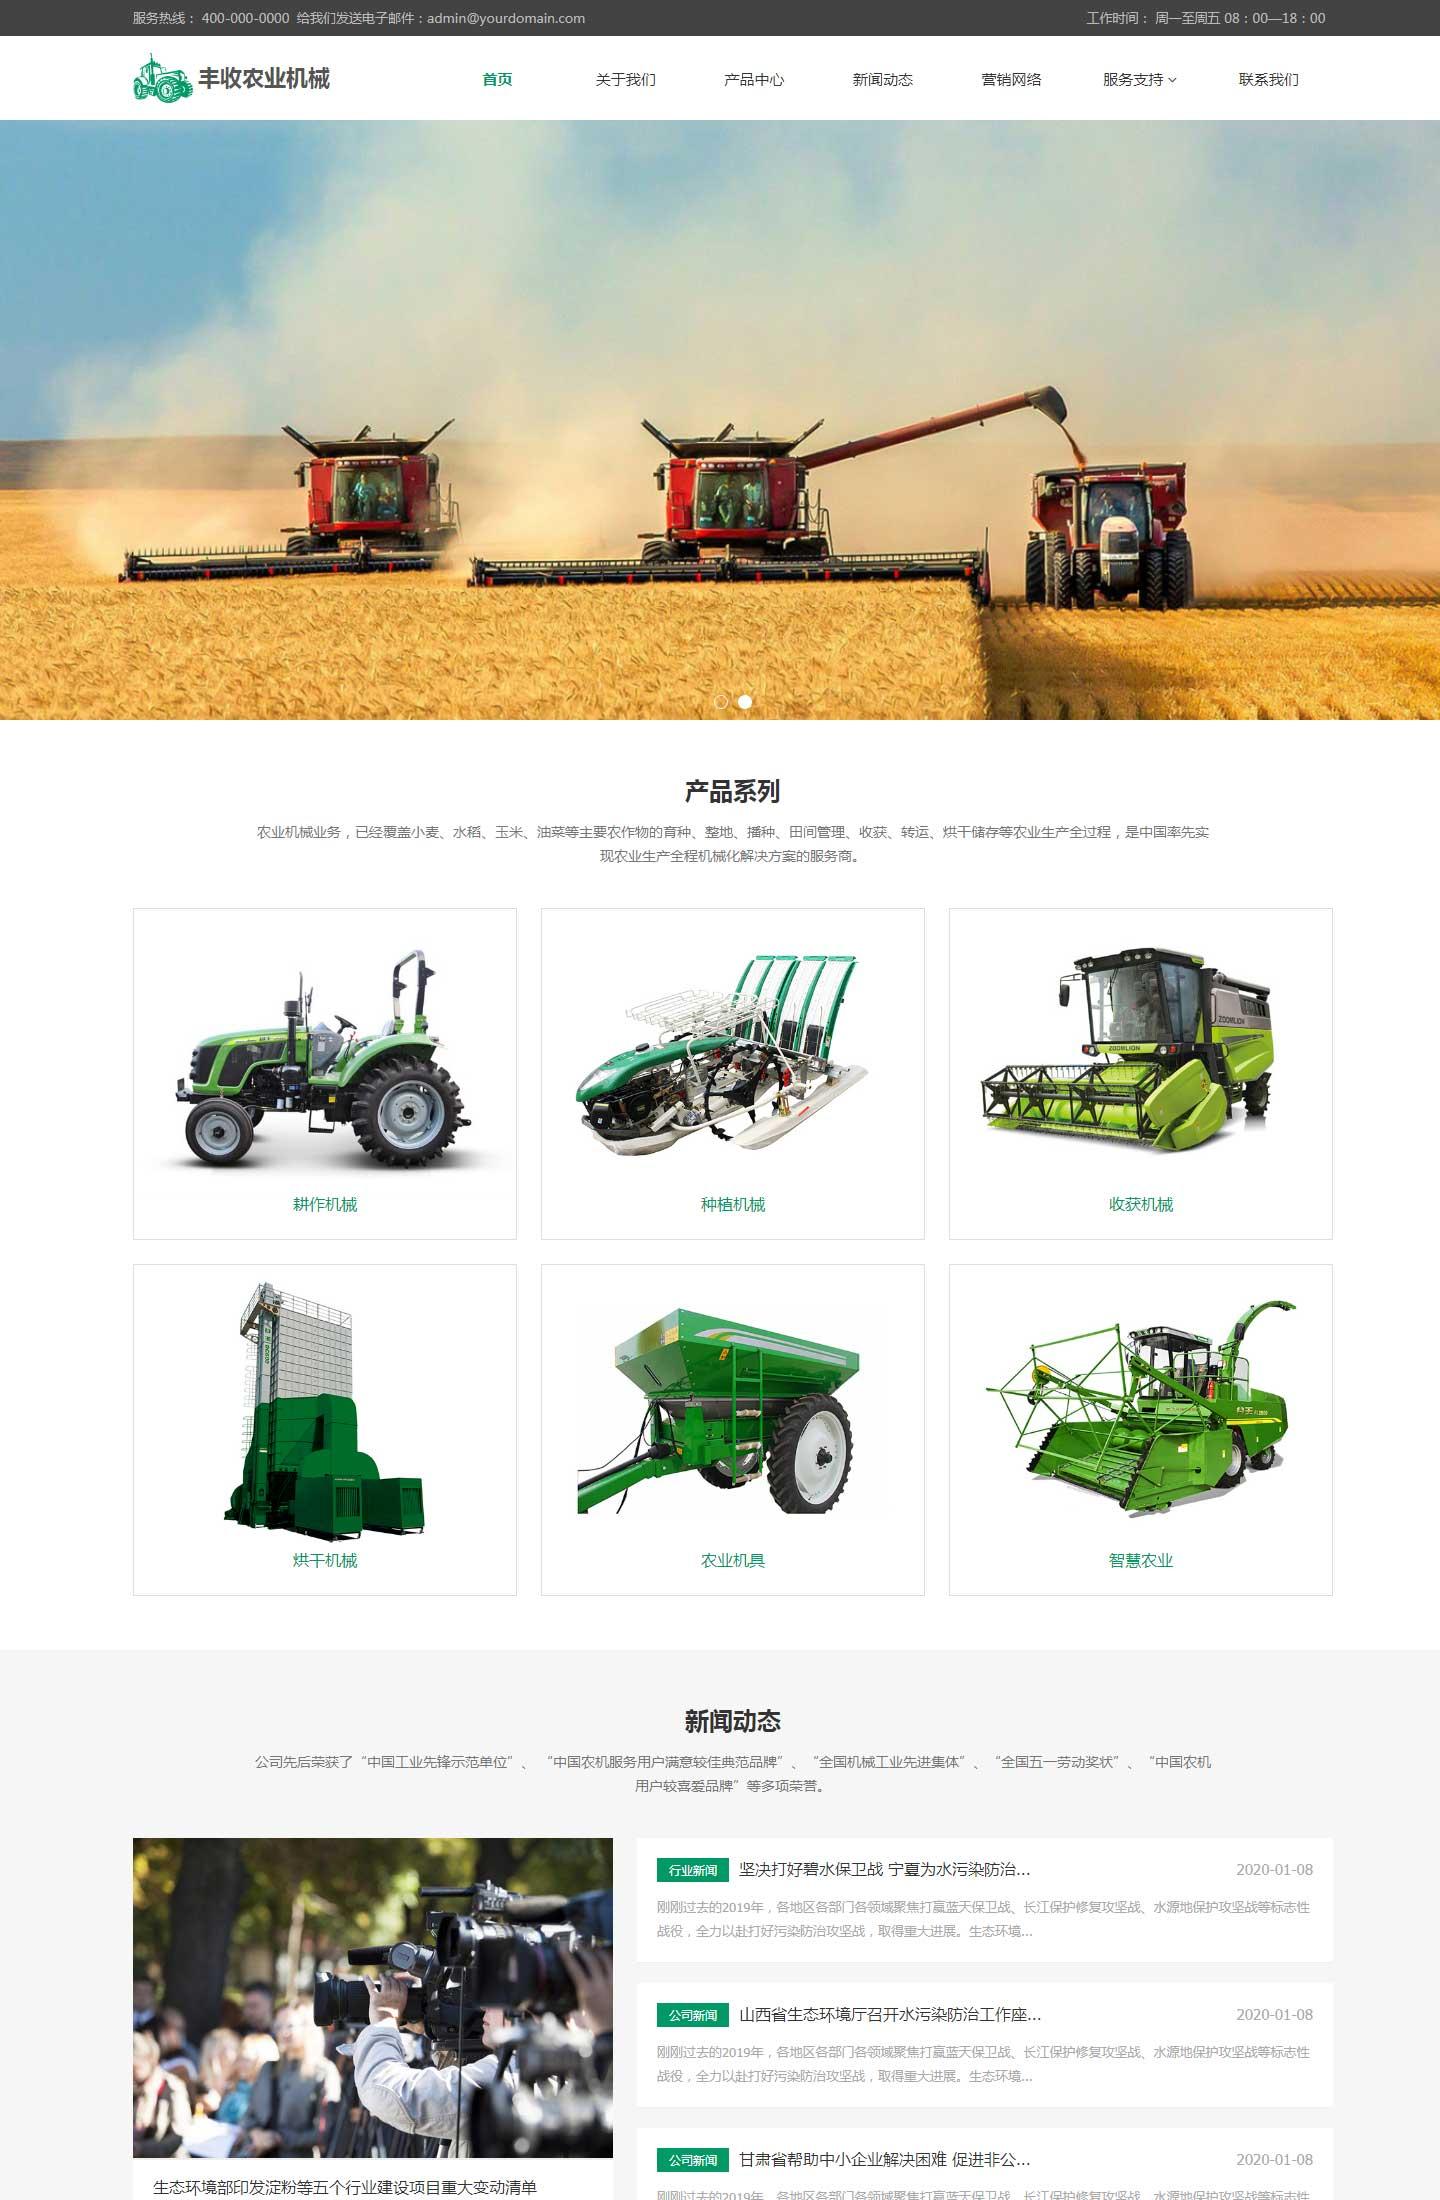 丰收农业机械展示模板